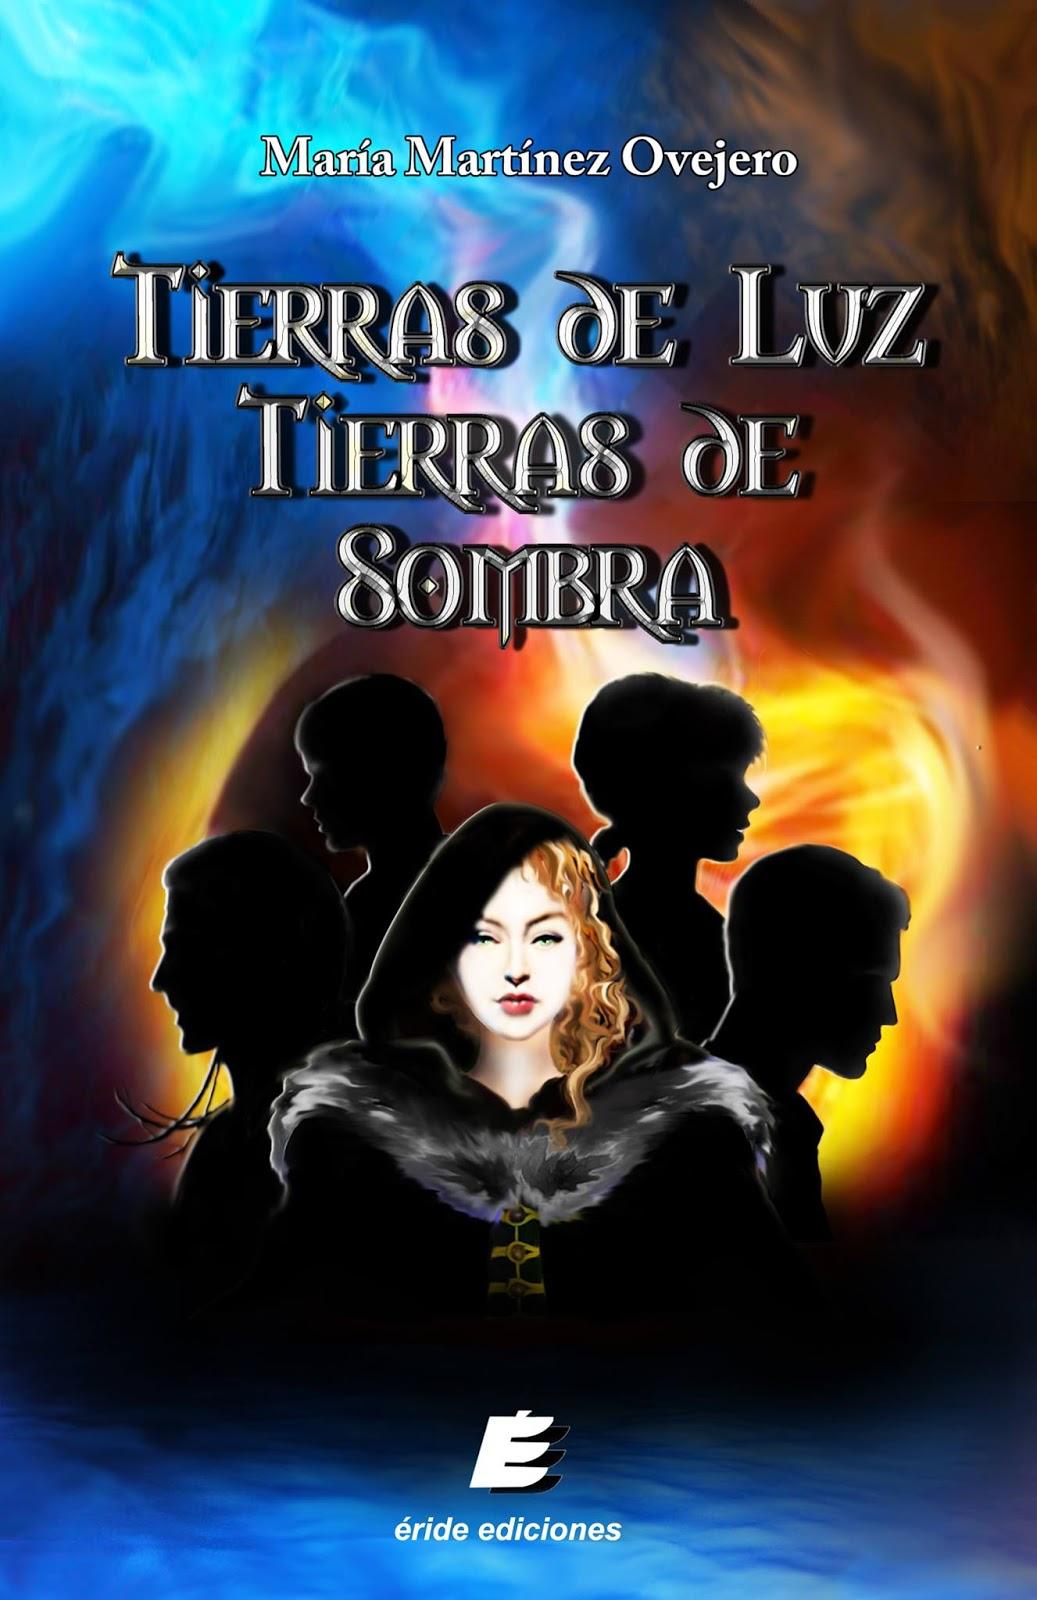 Portada de Tierras de Luz Tierras de Sombras, en la que se ven cuatro siluetas y una muchacha en el medio, con un fondo mitad azul y rojo.